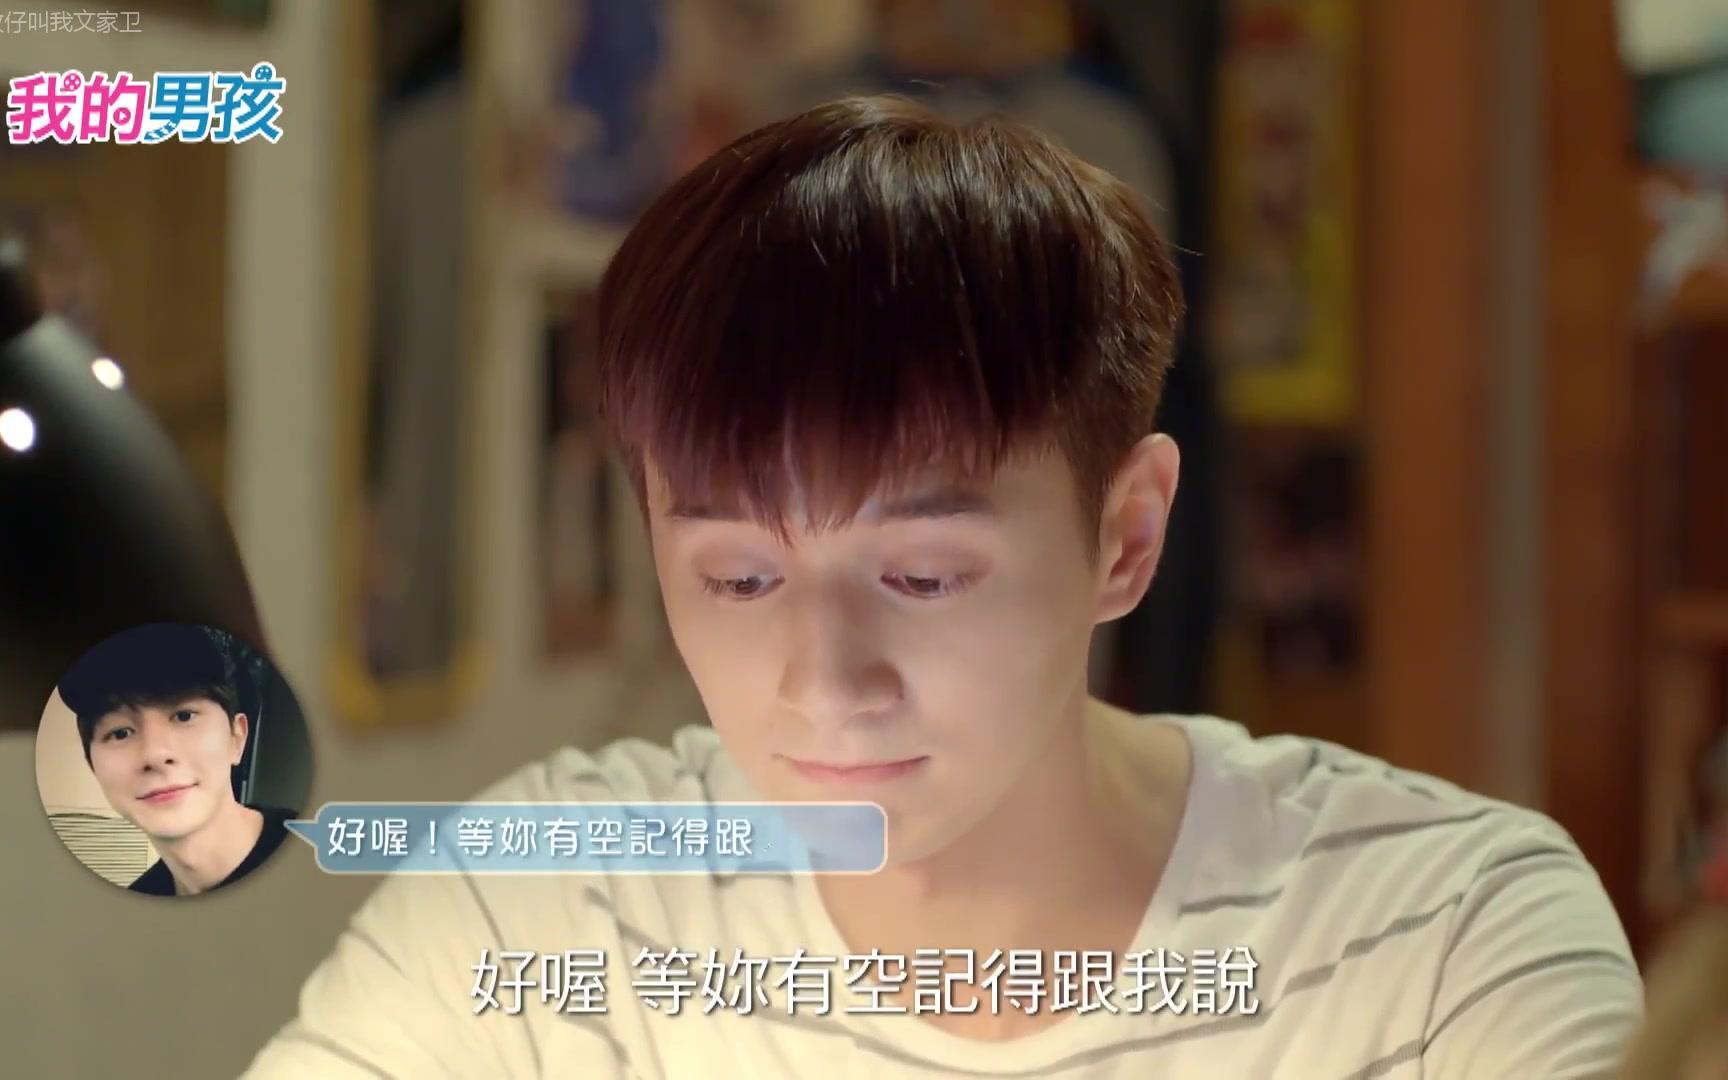 【我的男孩】07 张轩睿x林心如-如果是罗小菲.cut(1080p)